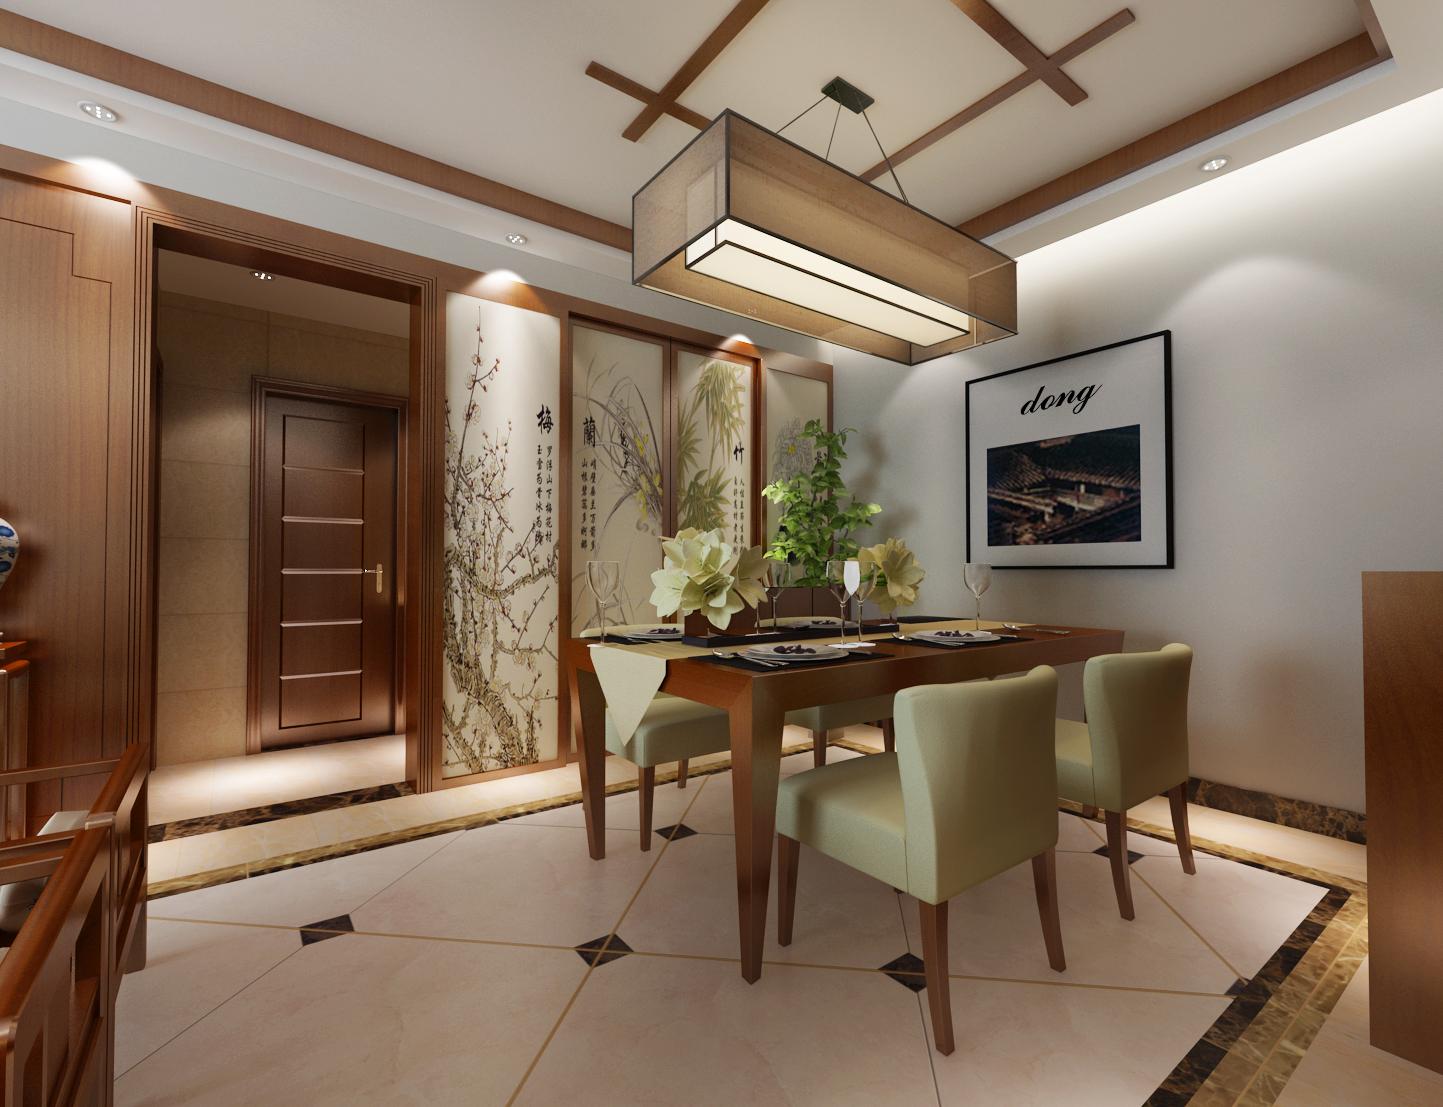 七彩云南幸福里中式二居装修案例